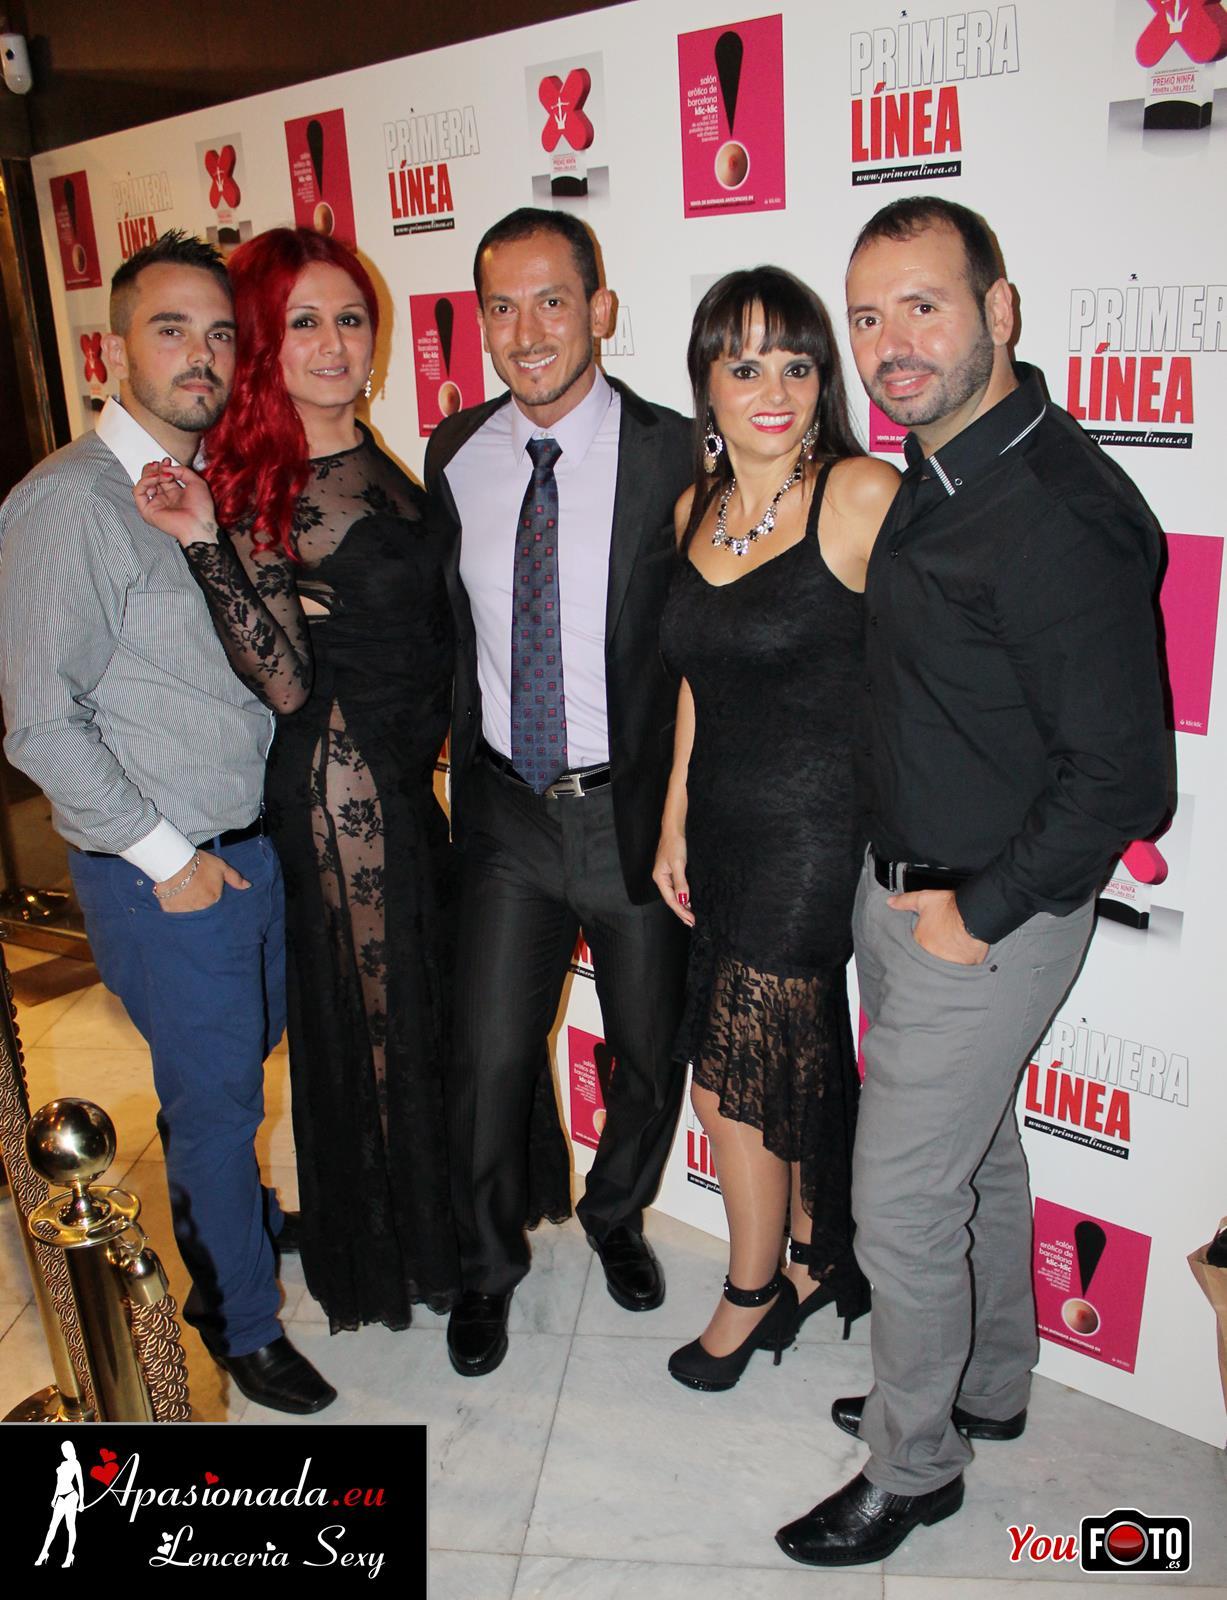 Nuestro equipo en los Premios Ninfa de Primera Linea